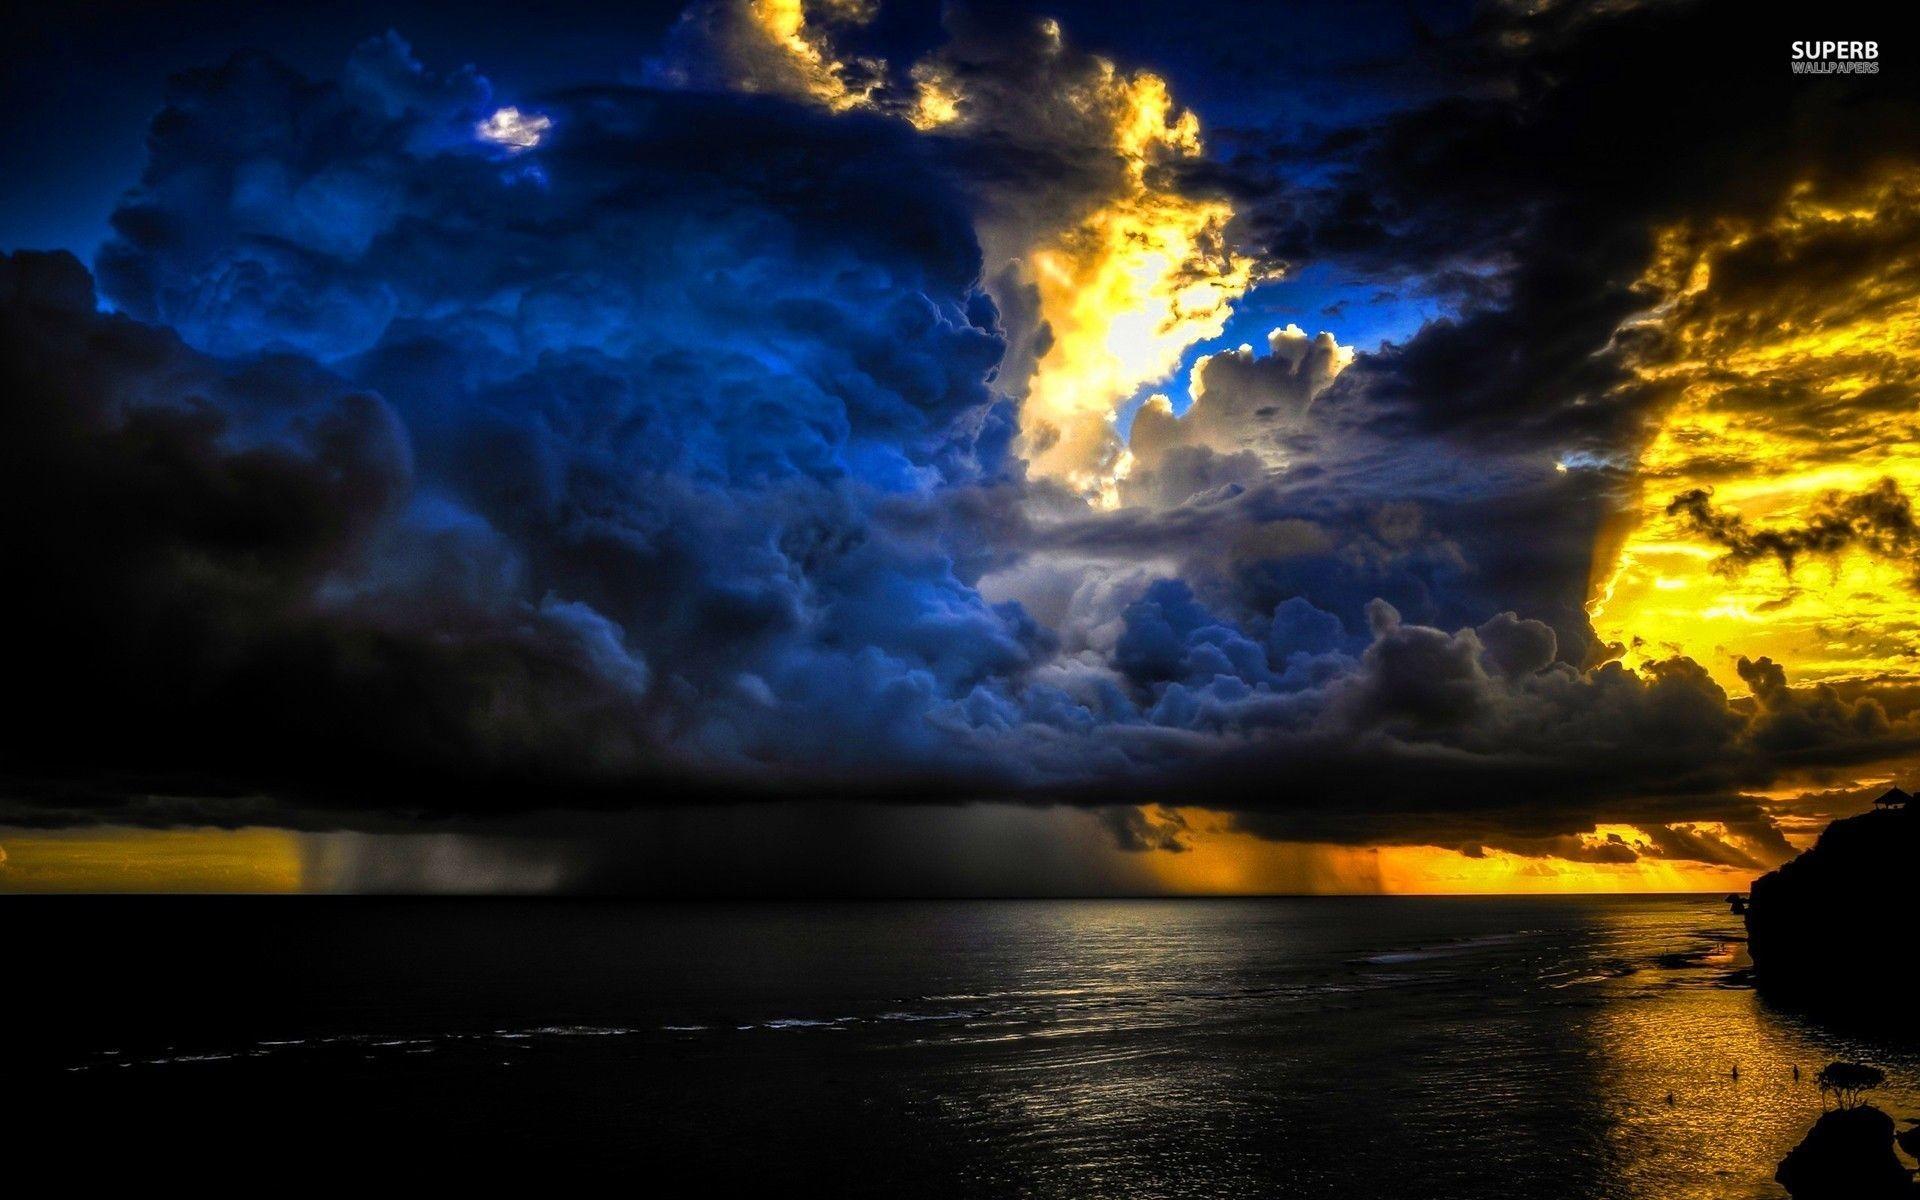 Lightning Storm At Sunset HD Desktop Background wallpaper free | Nature:  Natural Forces | Pinterest | Hd desktop, Lightning and Desktop backgrounds